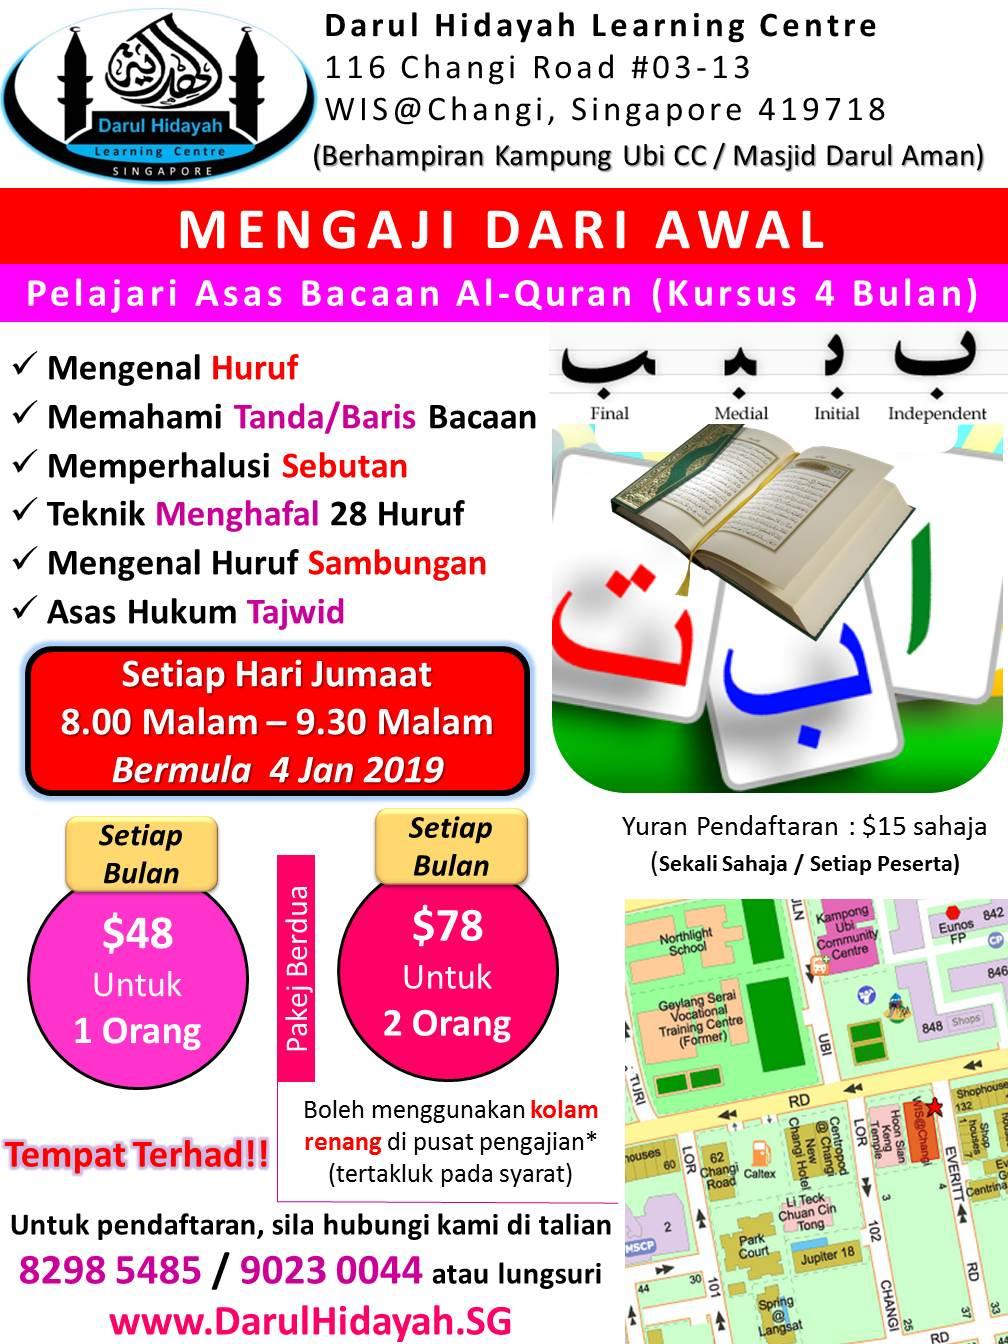 Darul-Hidayah-Poster-Mengaji-Dari-Awal-JAN 2019